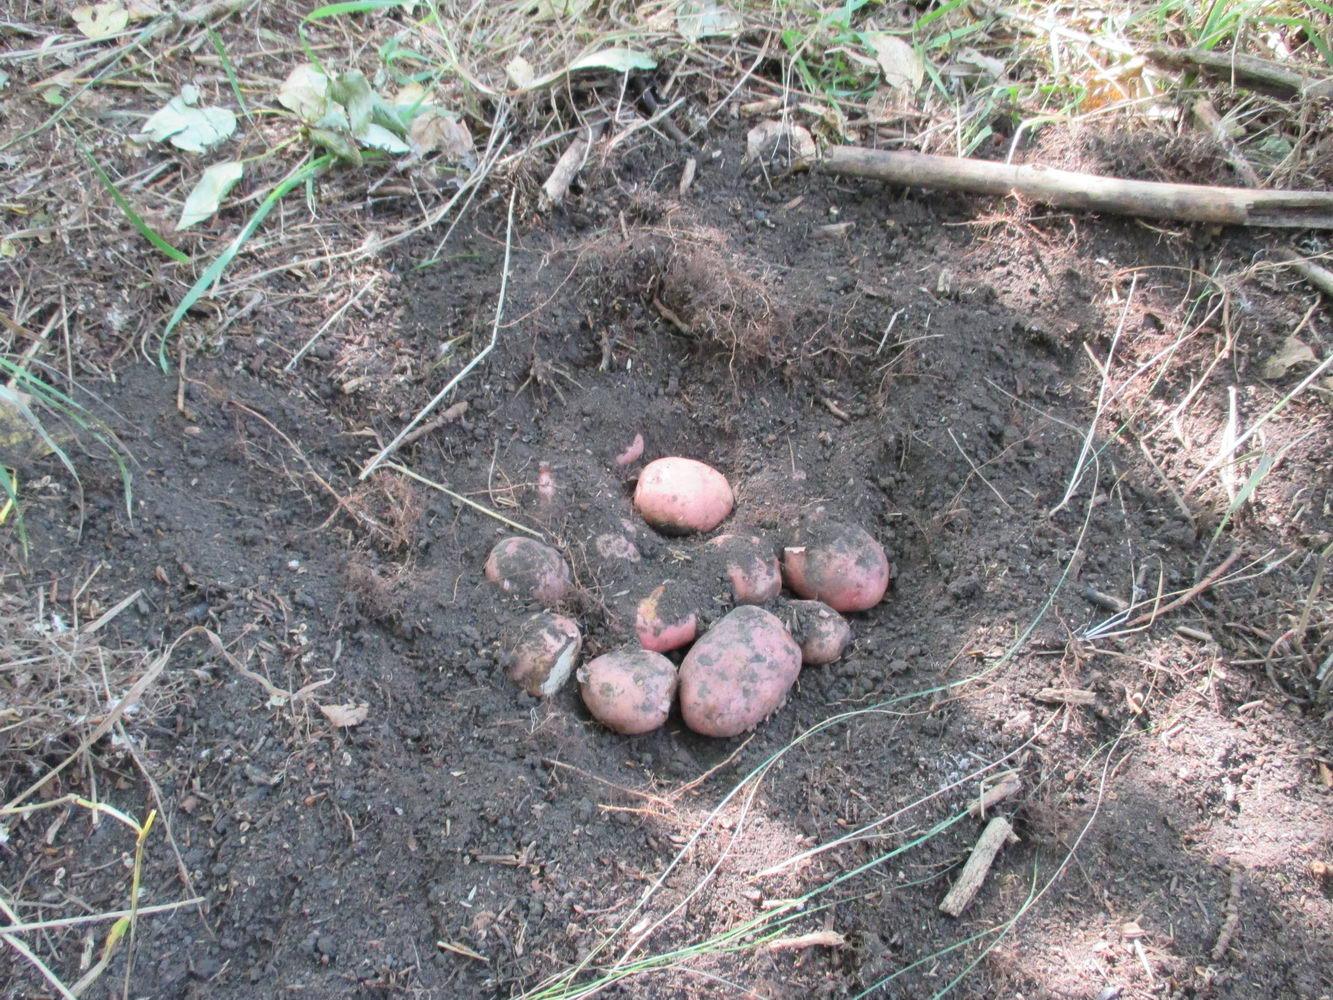 закапываю в земле картошку, чтоб приготовить на костре. природа. автостоп через сибирь